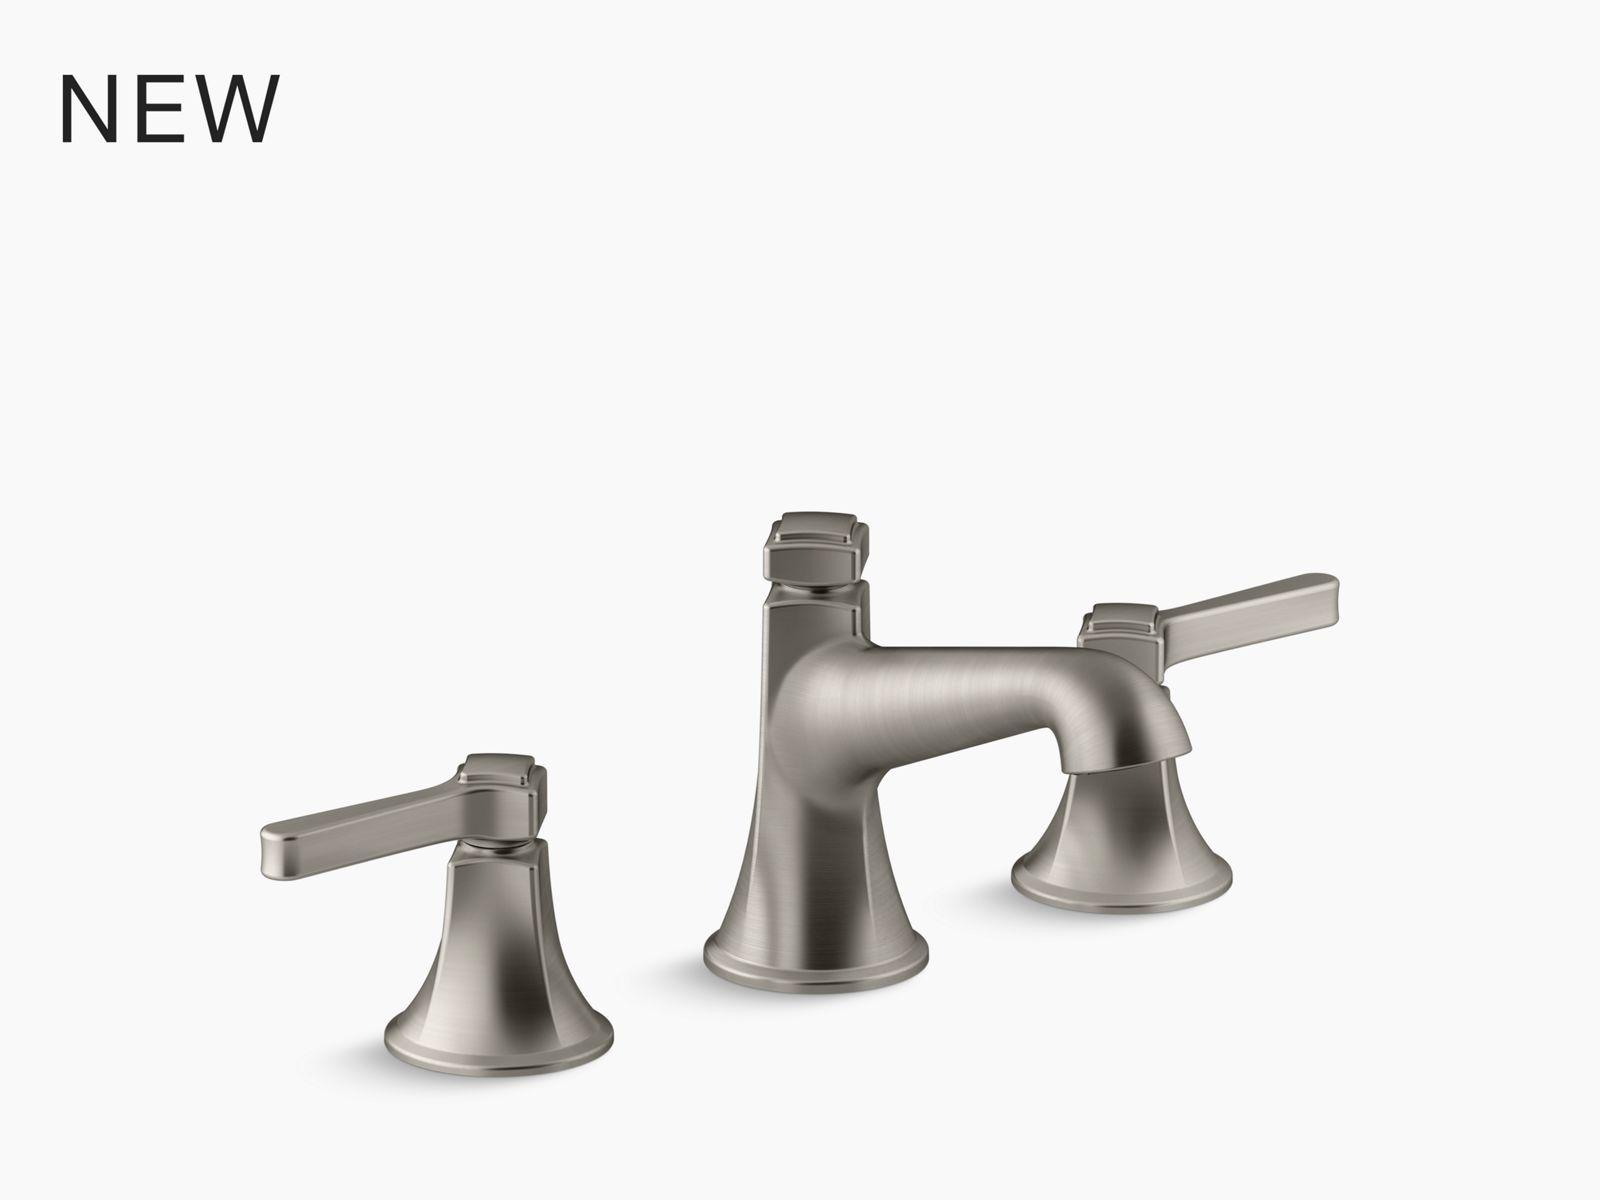 exposed shower faucet 75522t 4 kohler